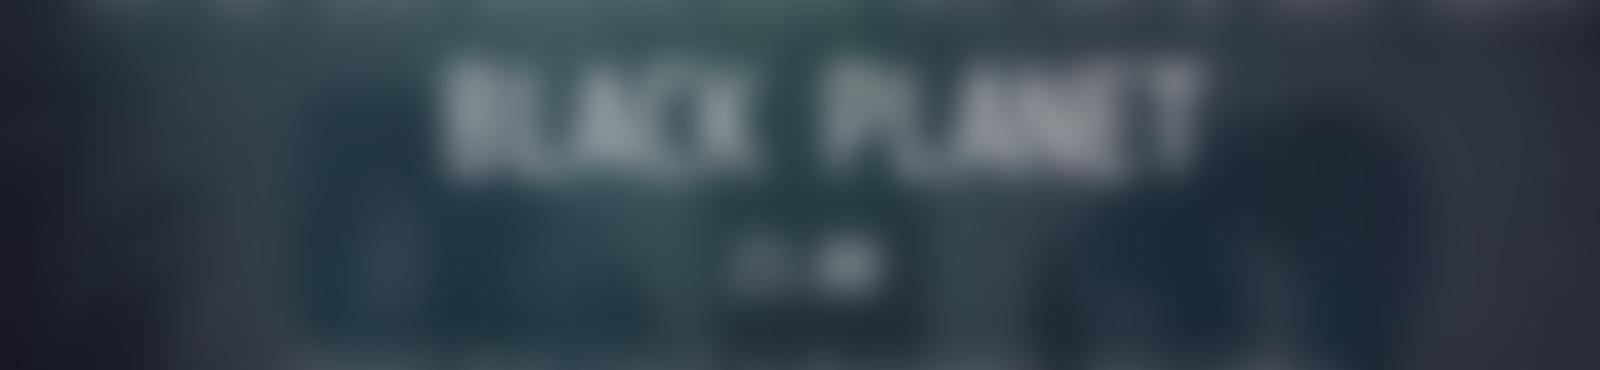 Blurred b9112c97 fd5b 49fe 831c eb9f9ef68ff9